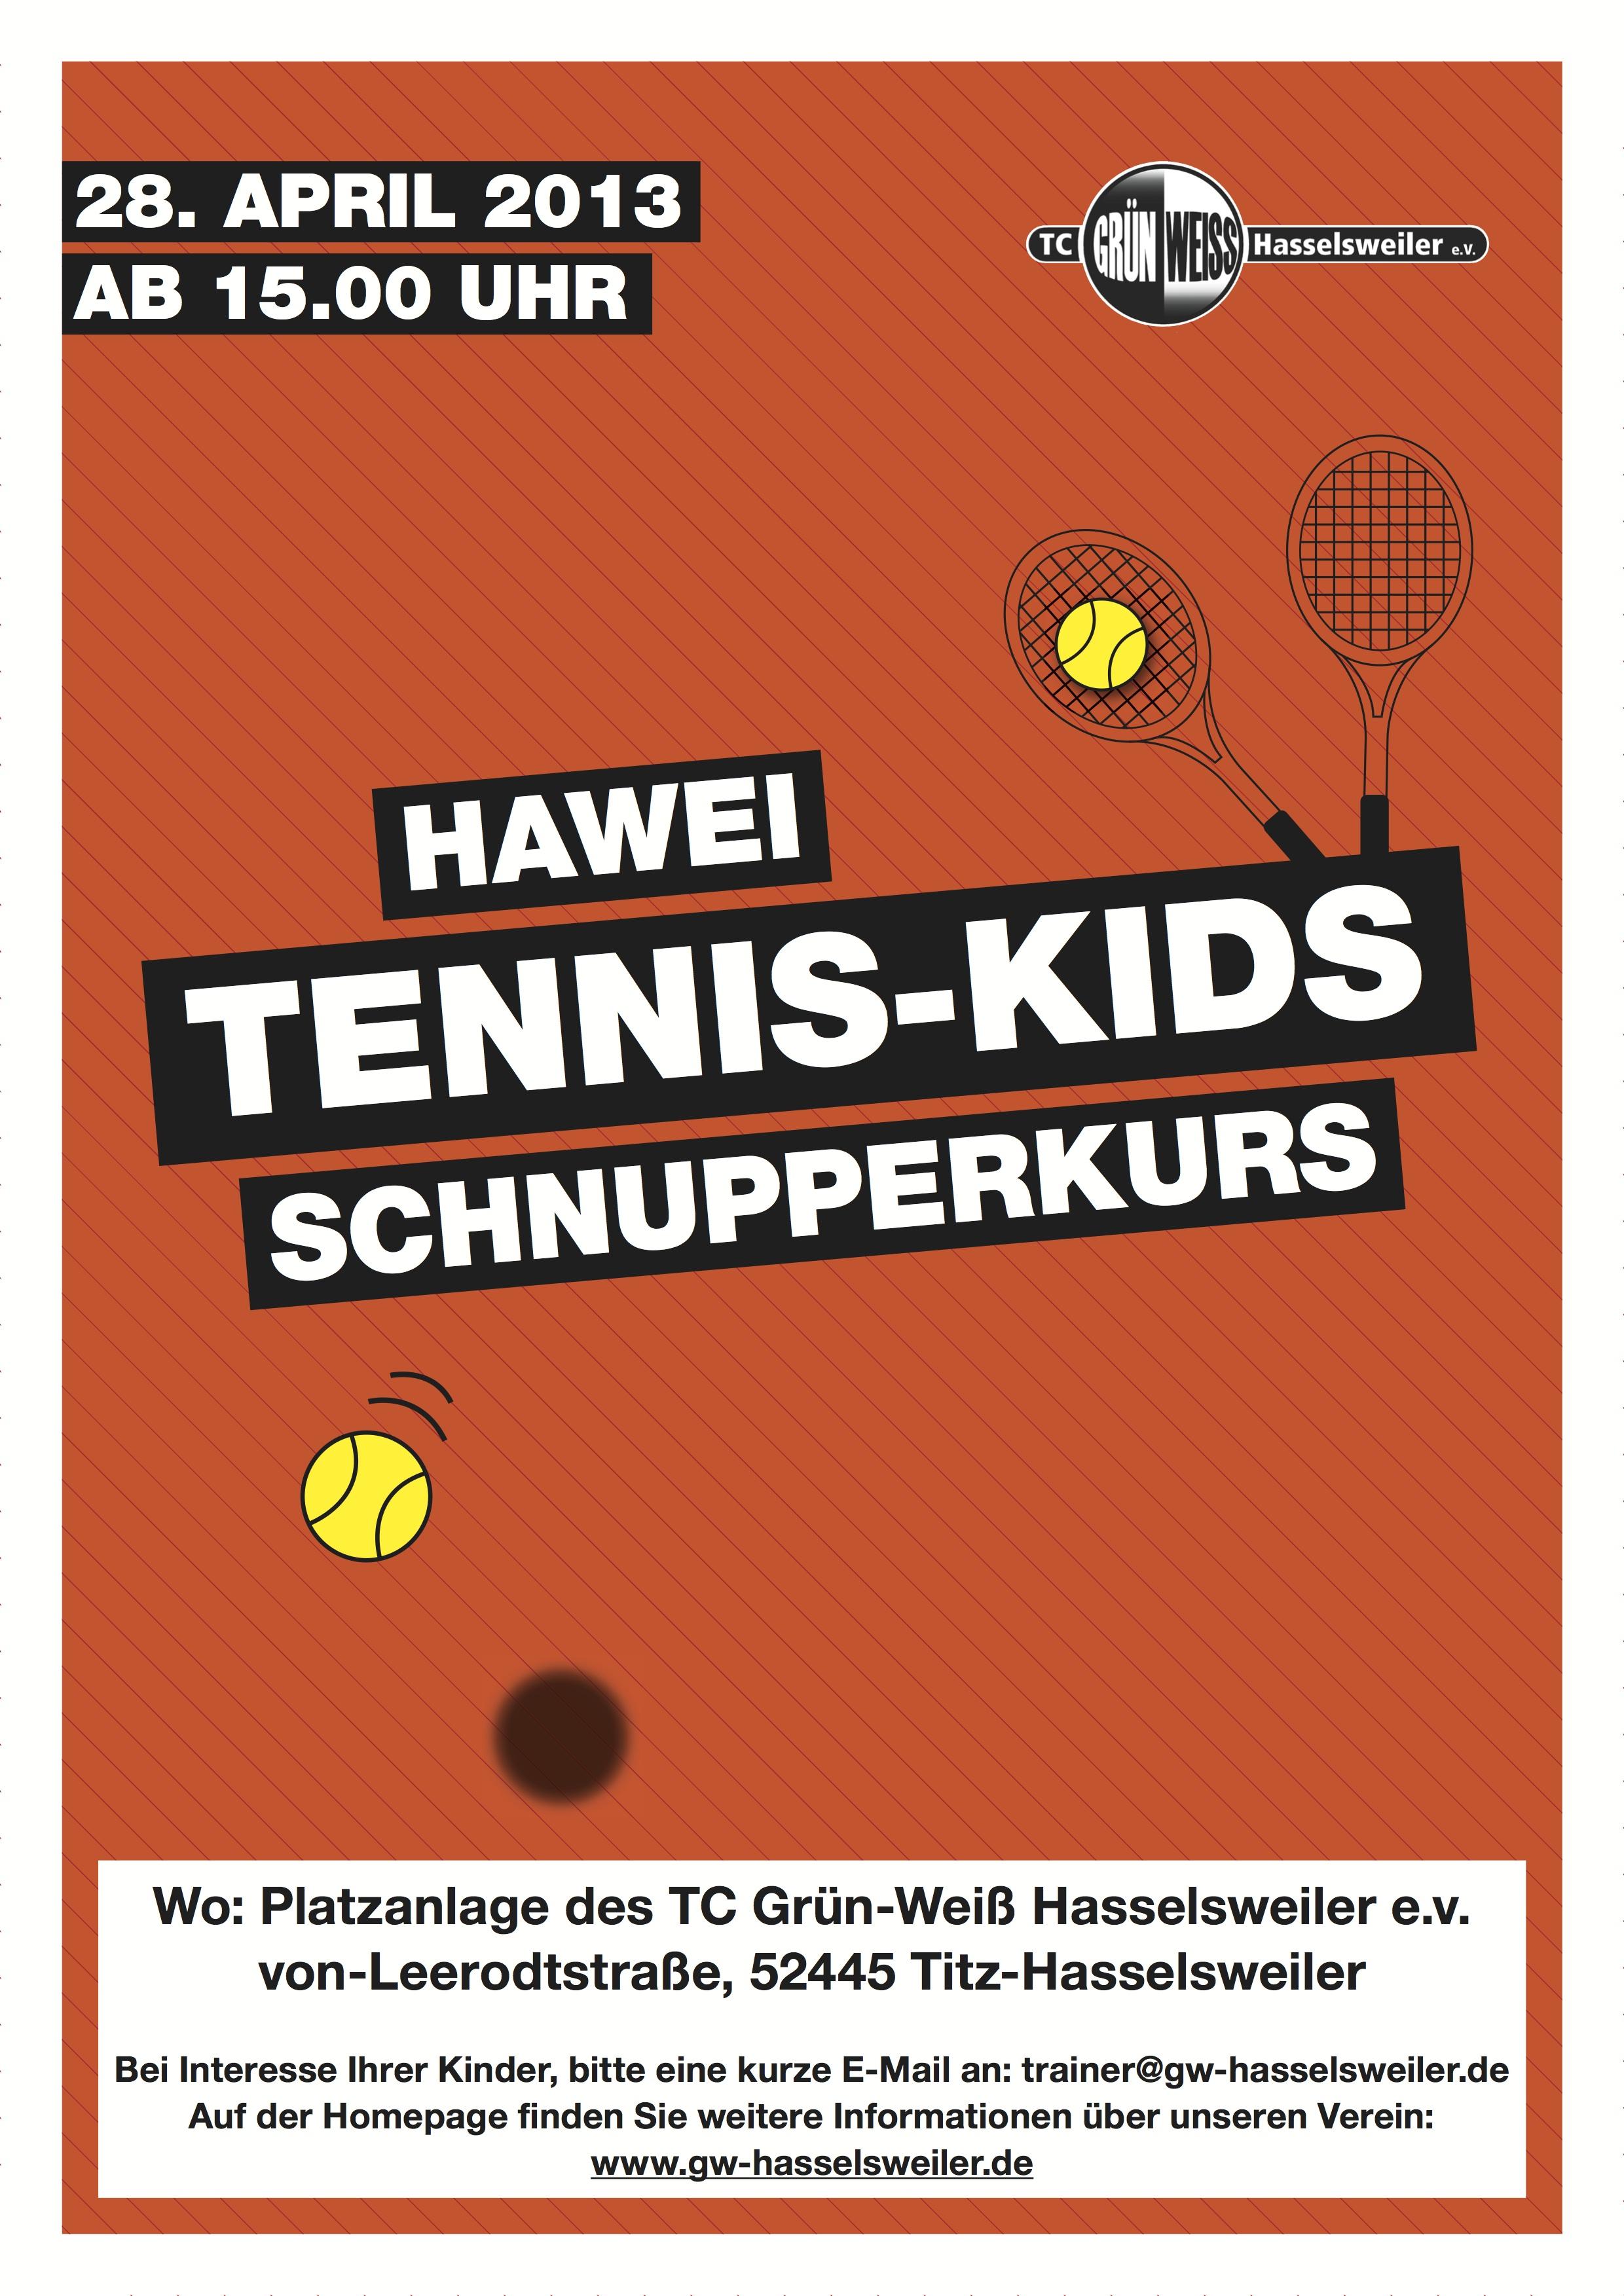 Plakat_Tennis-2Hawei Kids 28.4.13 Kopie